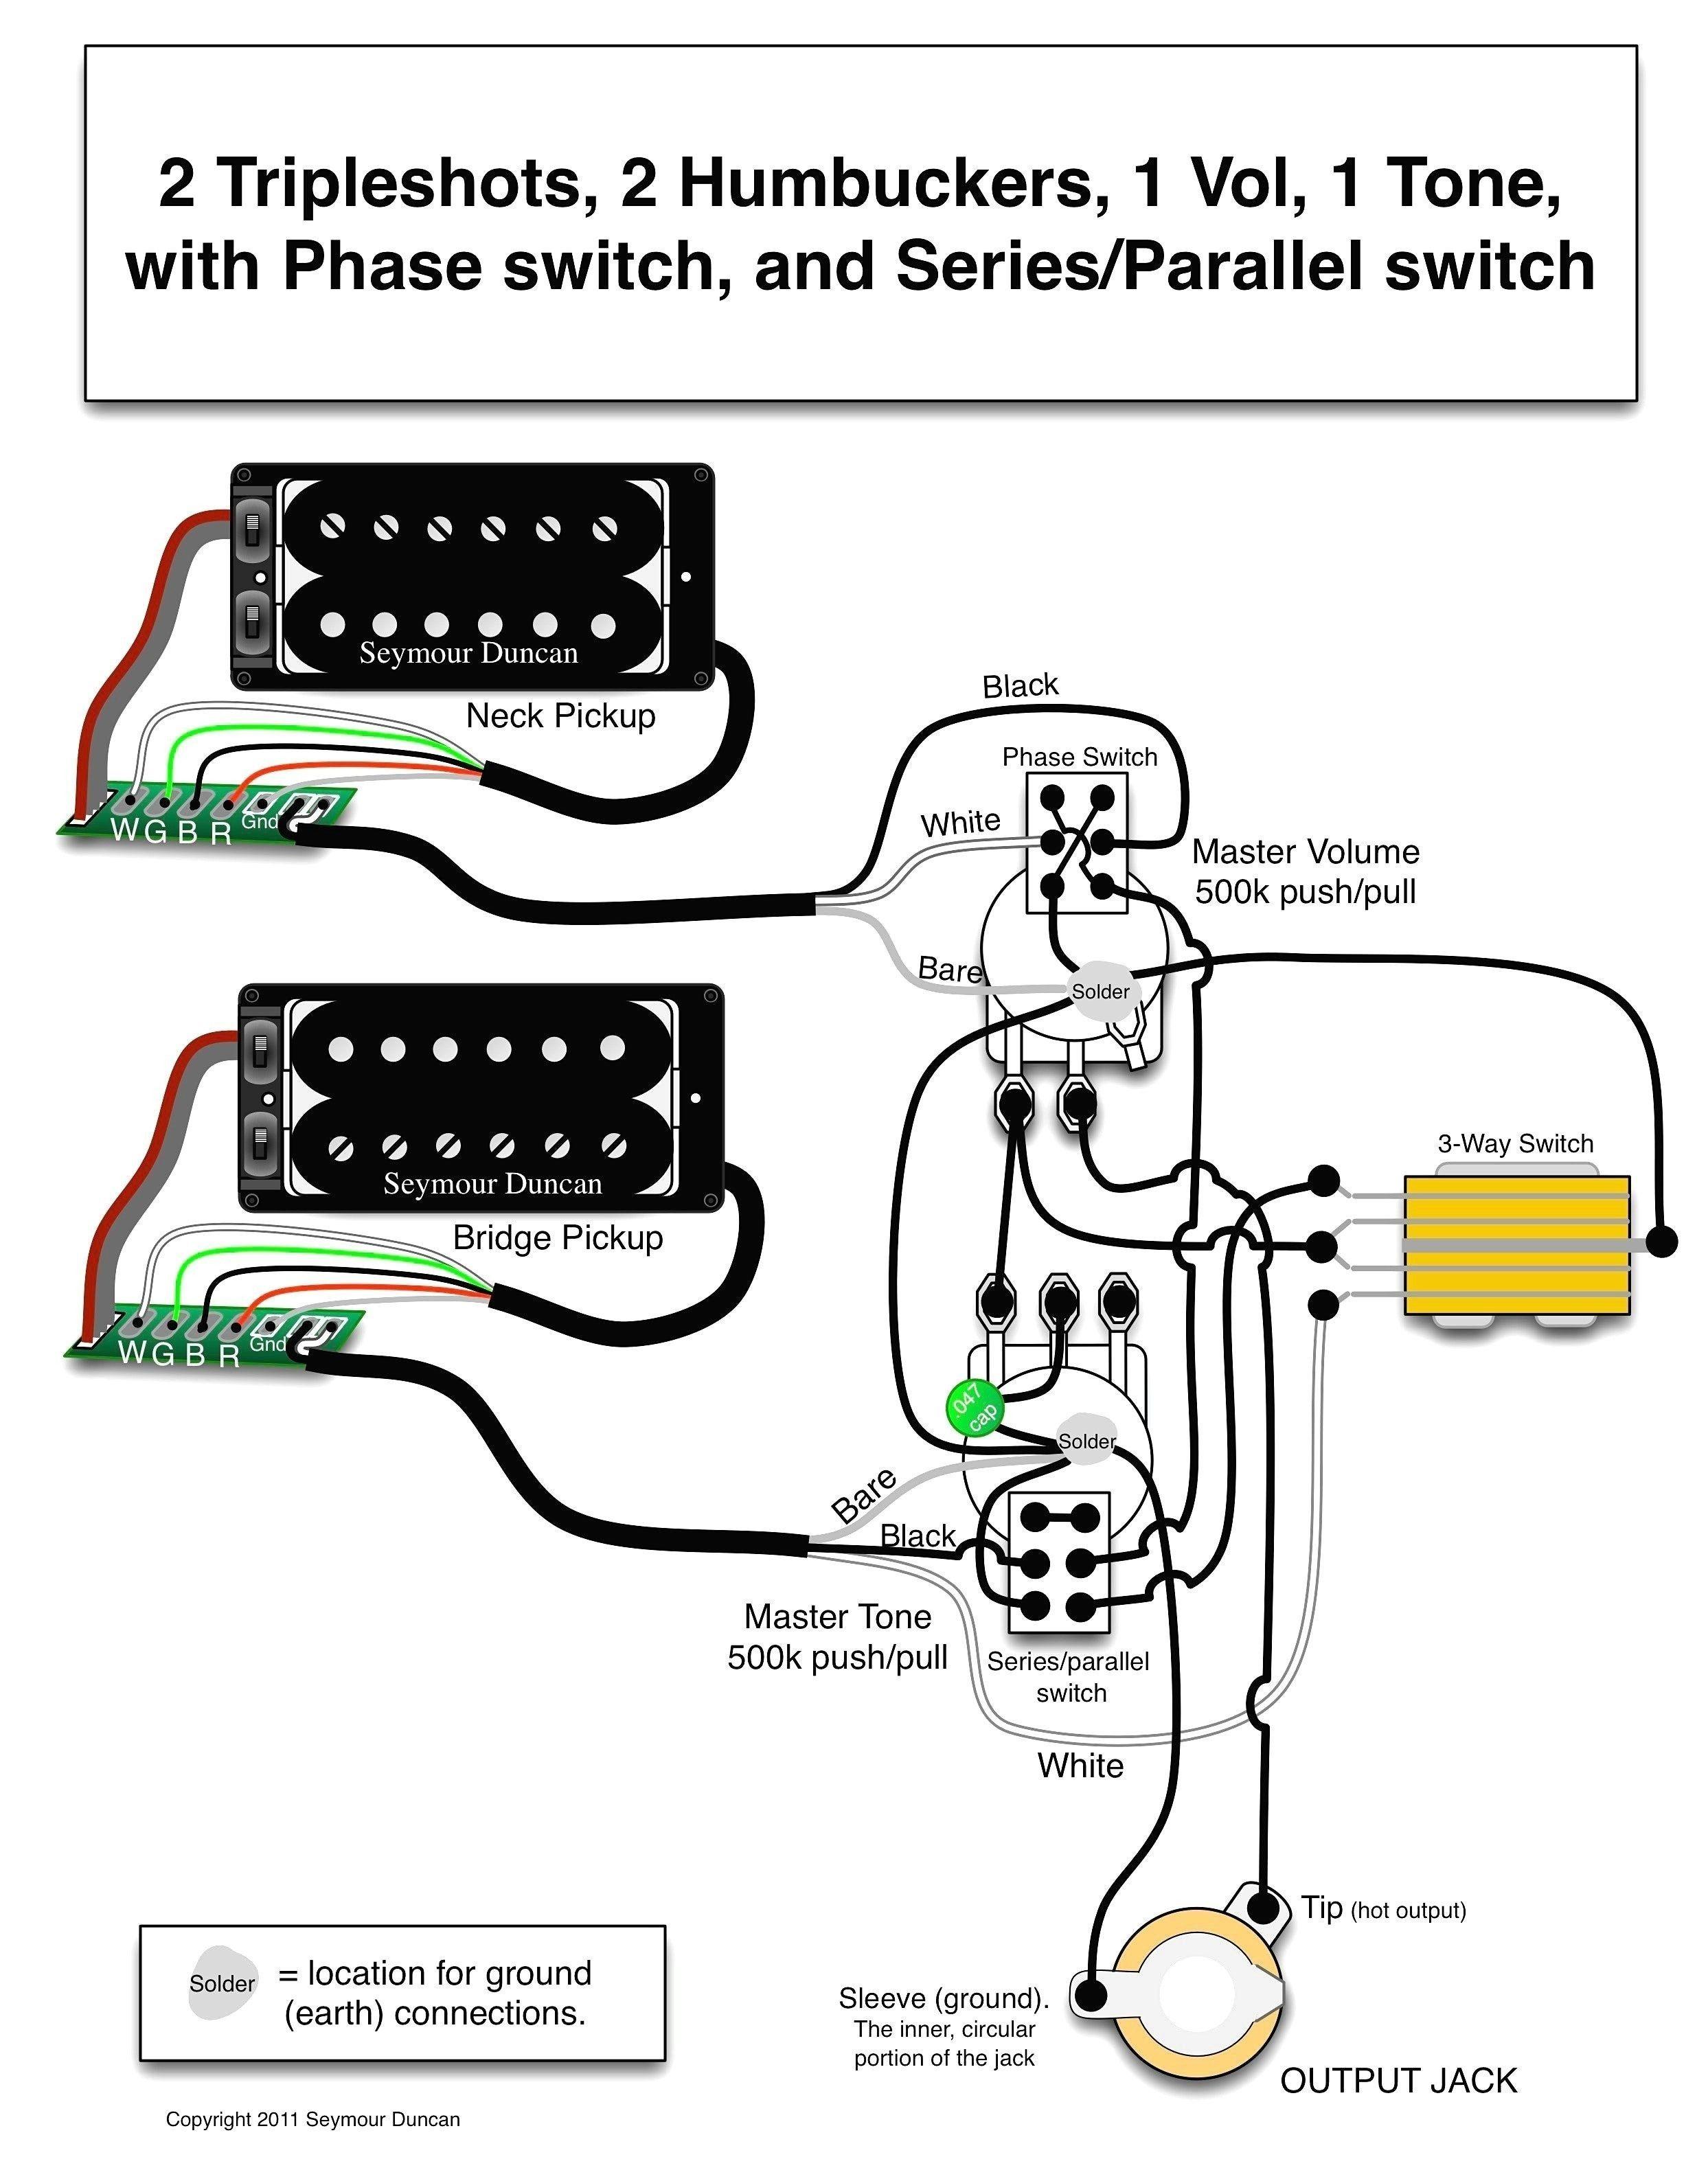 medium resolution of new epiphone les paul coil tap wiring diagram diagram diagramsample diagramtemplate wiringdiagram diagramchart worksheet worksheettemplate